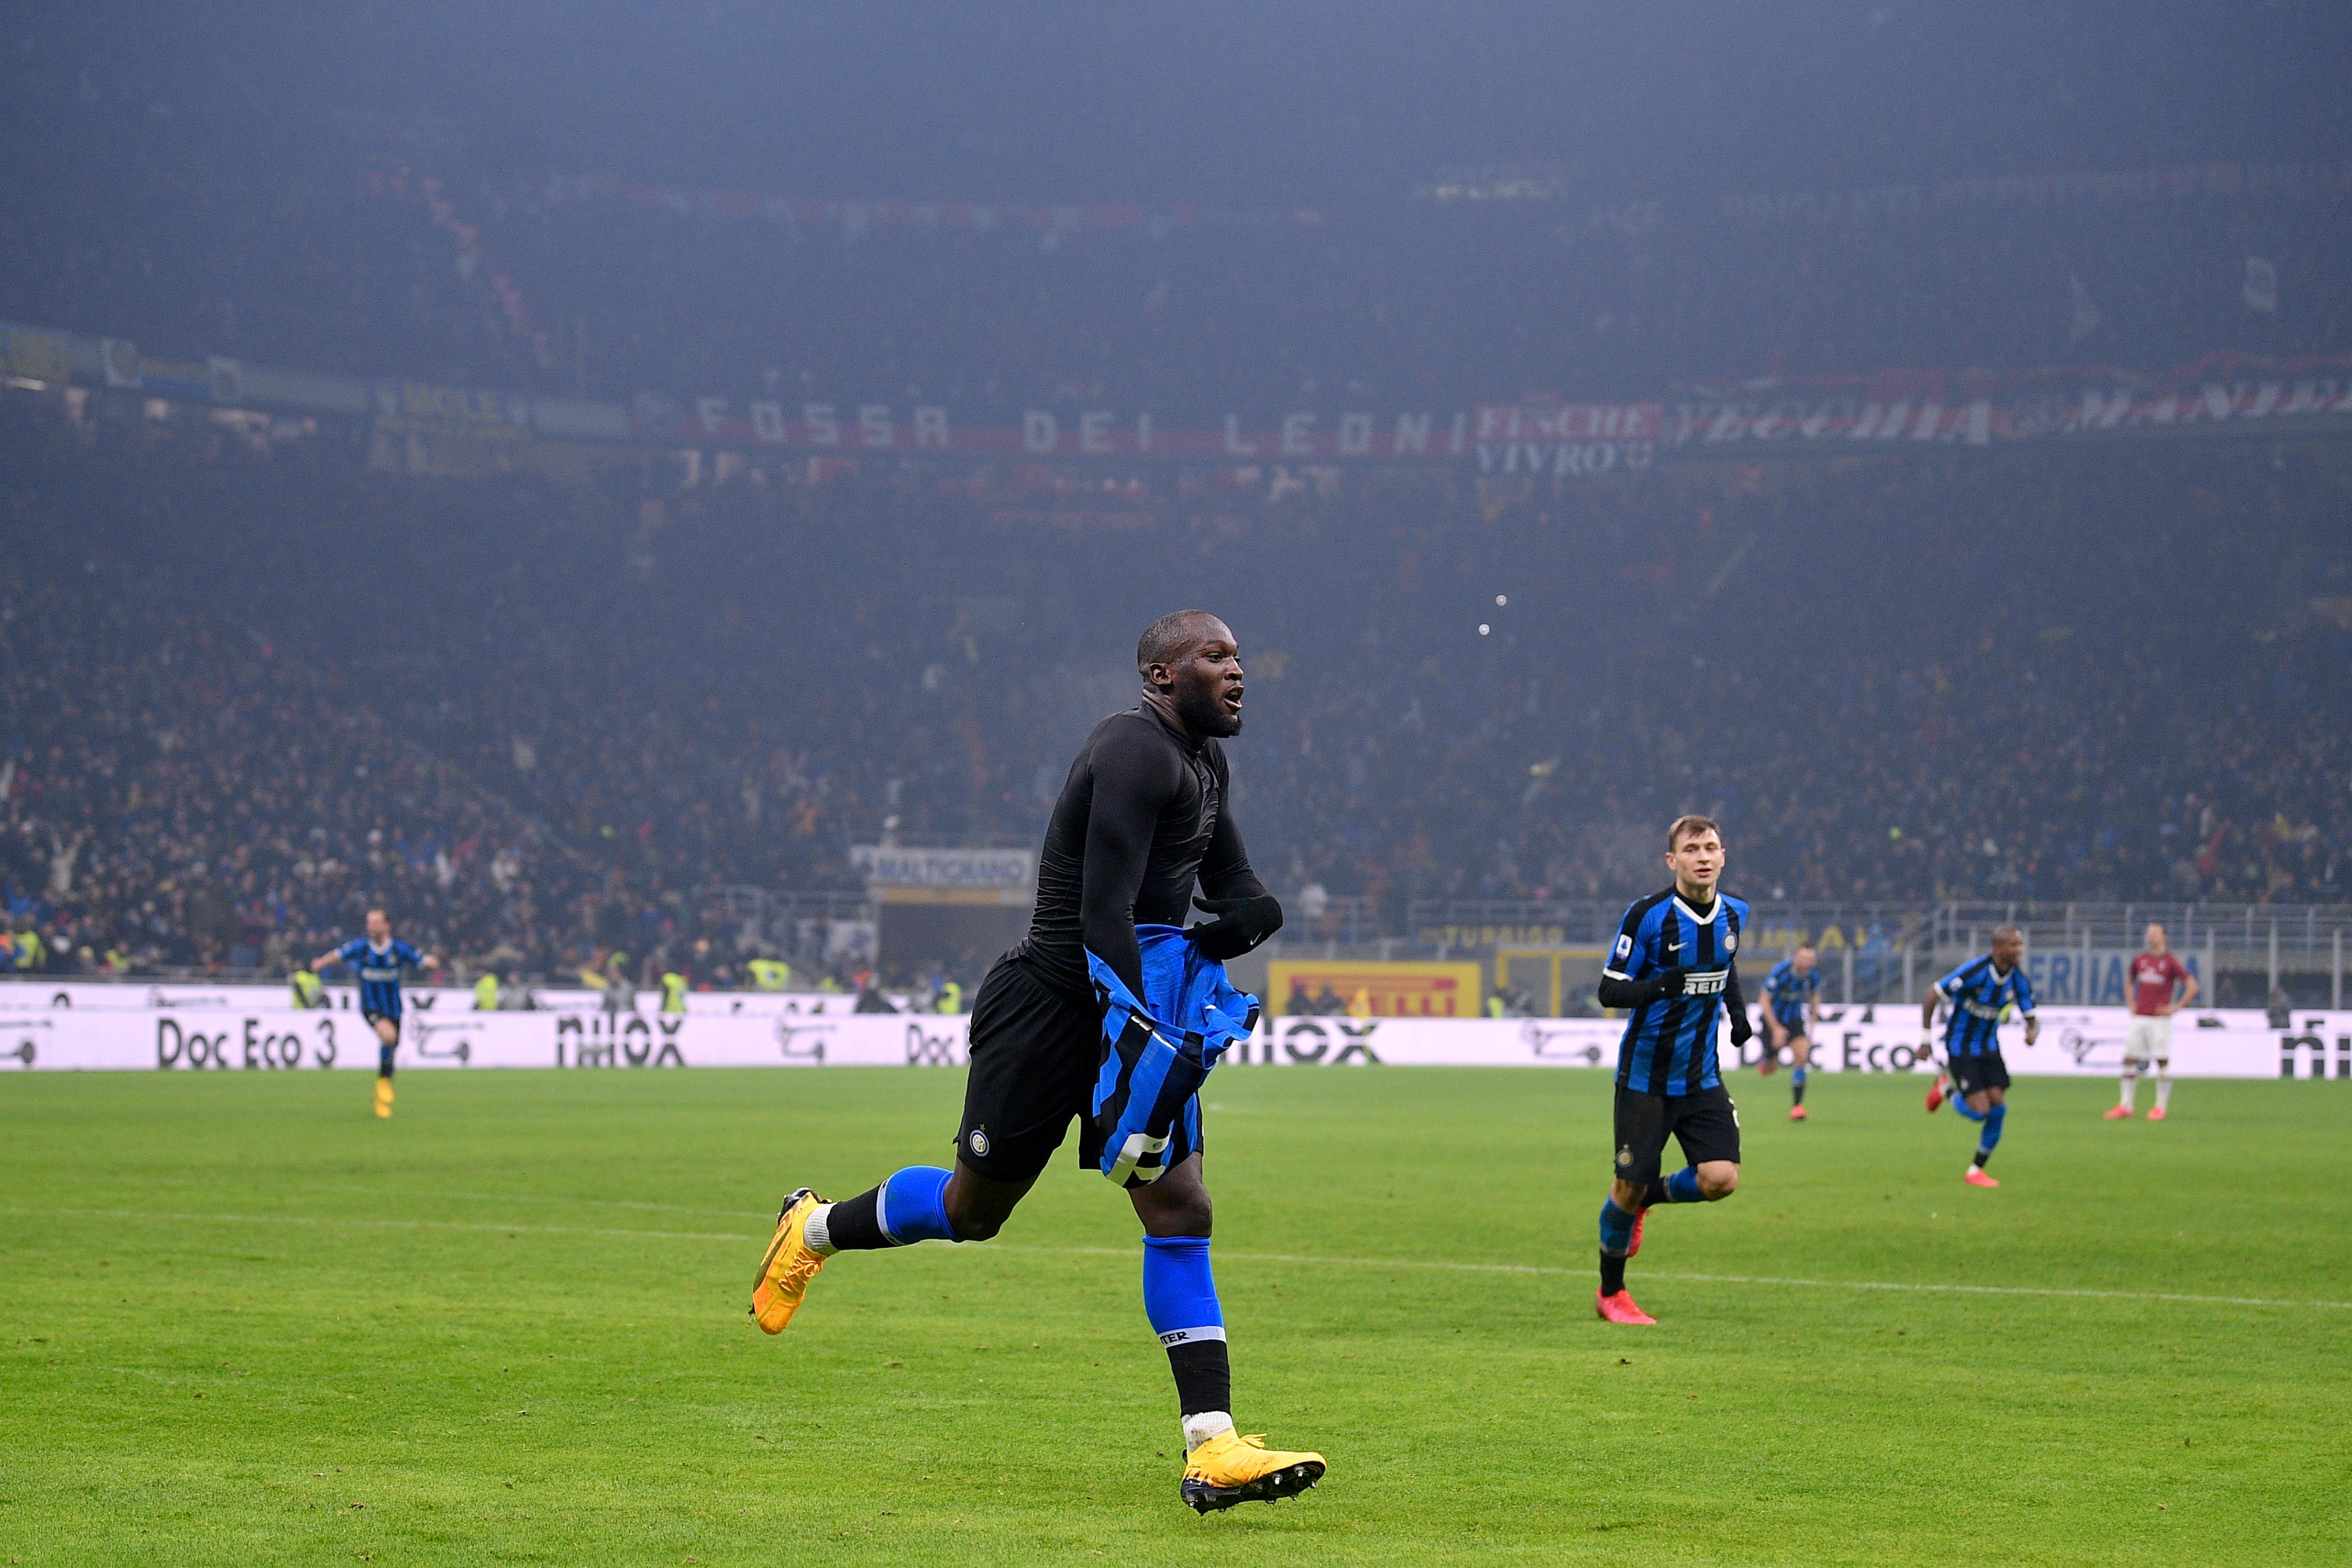 Internazionale v AC Milan - Italian Serie A